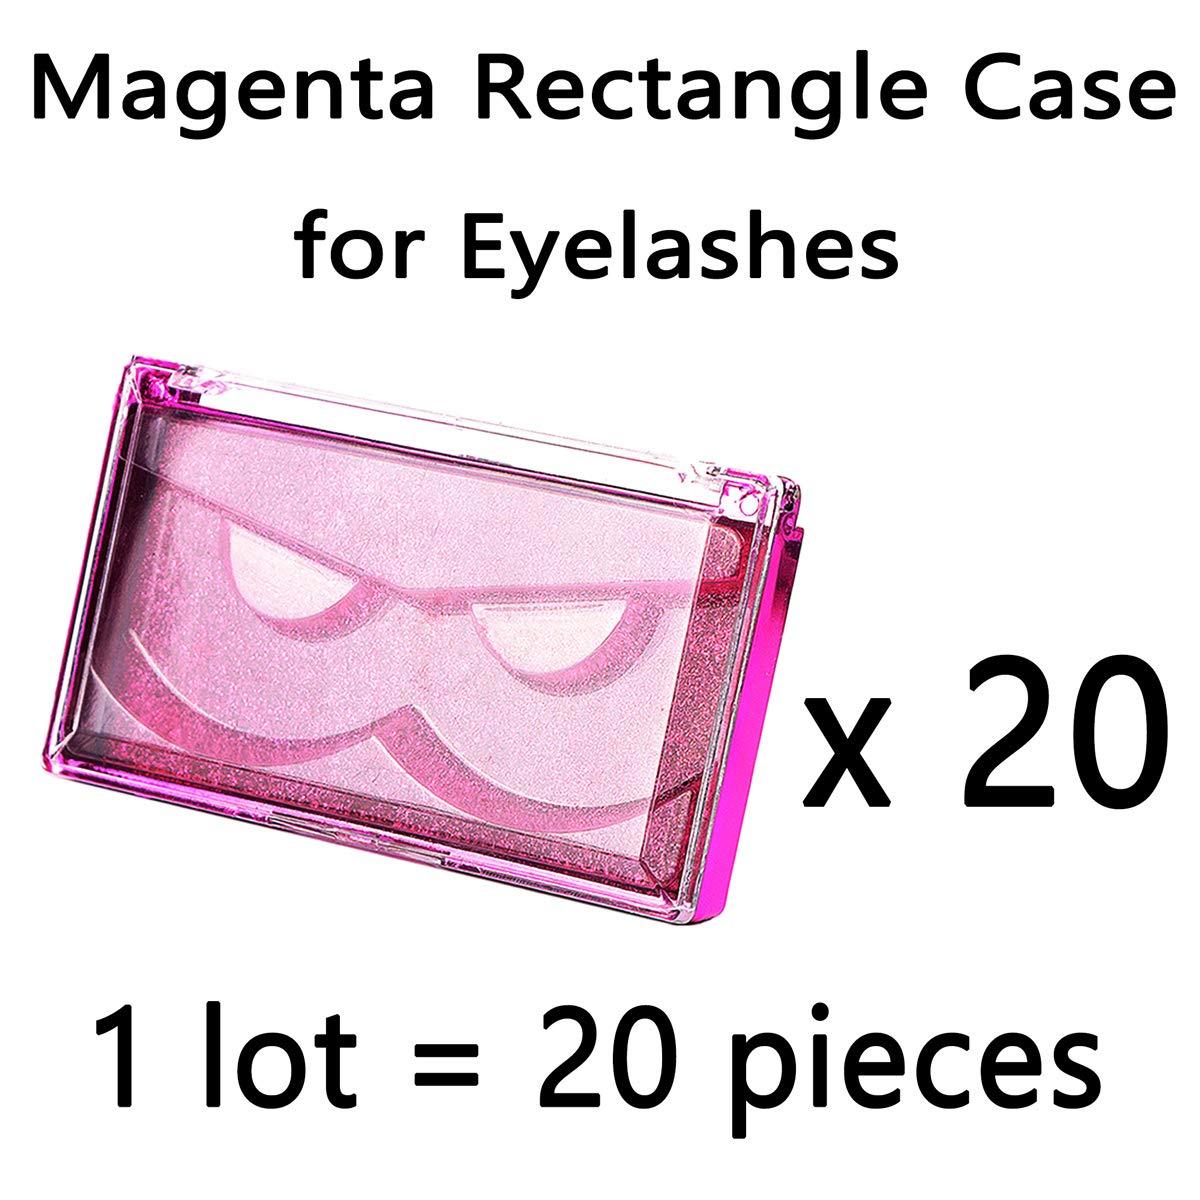 20pcs Magenta Rectangle Lash Cases Professional Big Size Case for Eyelashes